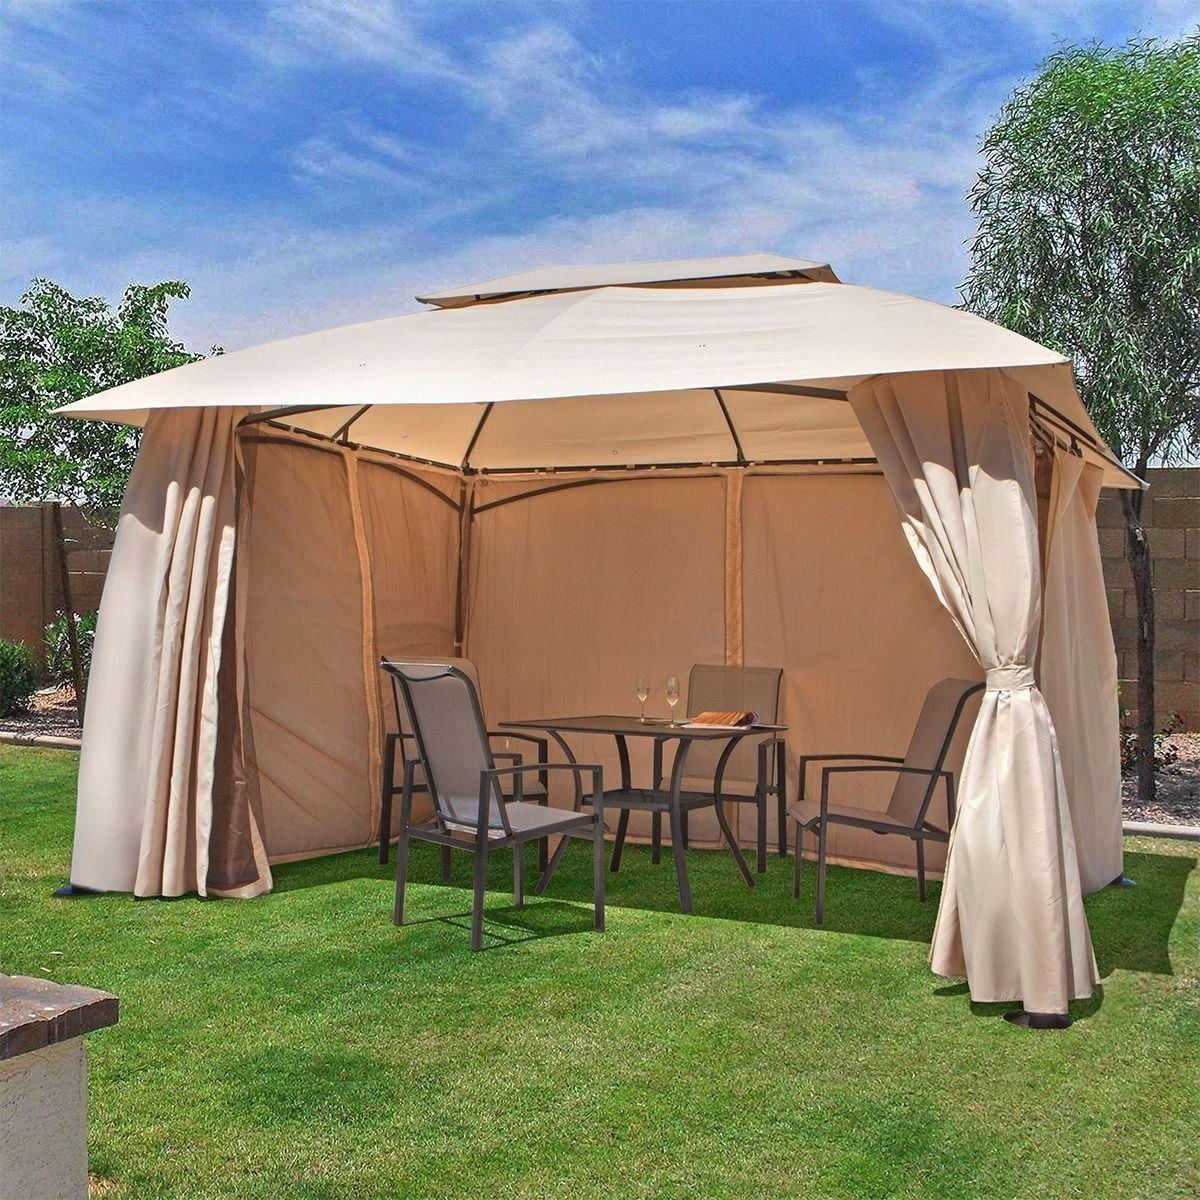 New outdoor home 10' x 13' backyard garden awnings Patio Gazebo canopy tent netting